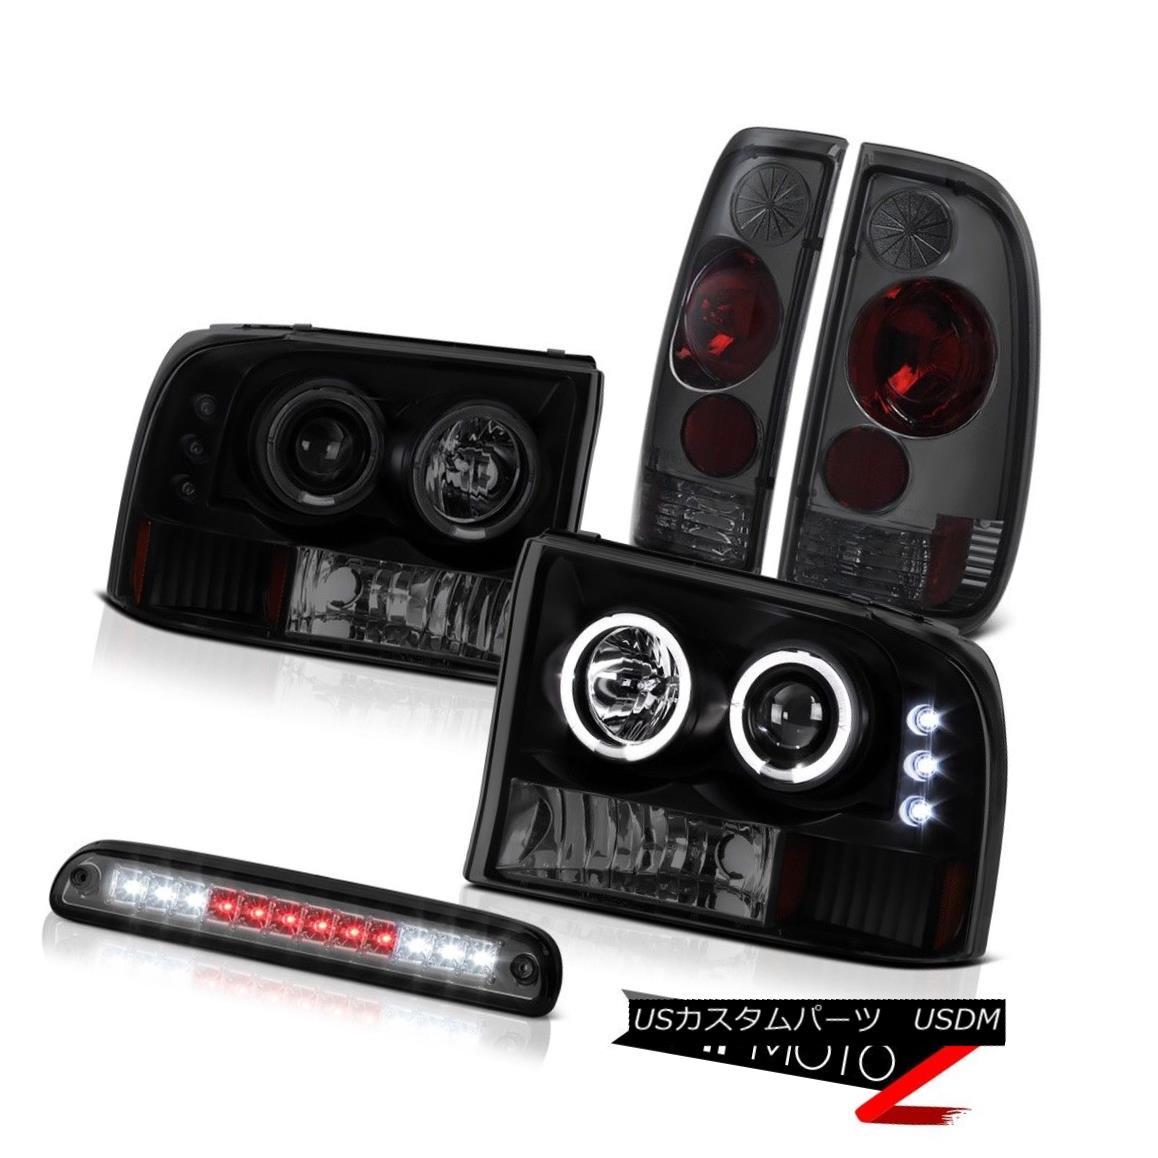 ヘッドライト SMD Sinister Black Headlamps Smoke Third Brake LED Rear Lights 99-04 F350 XLT SMD SinisterブラックヘッドランプSmoke Third Brake LEDリアライト99-04 F350 XLT